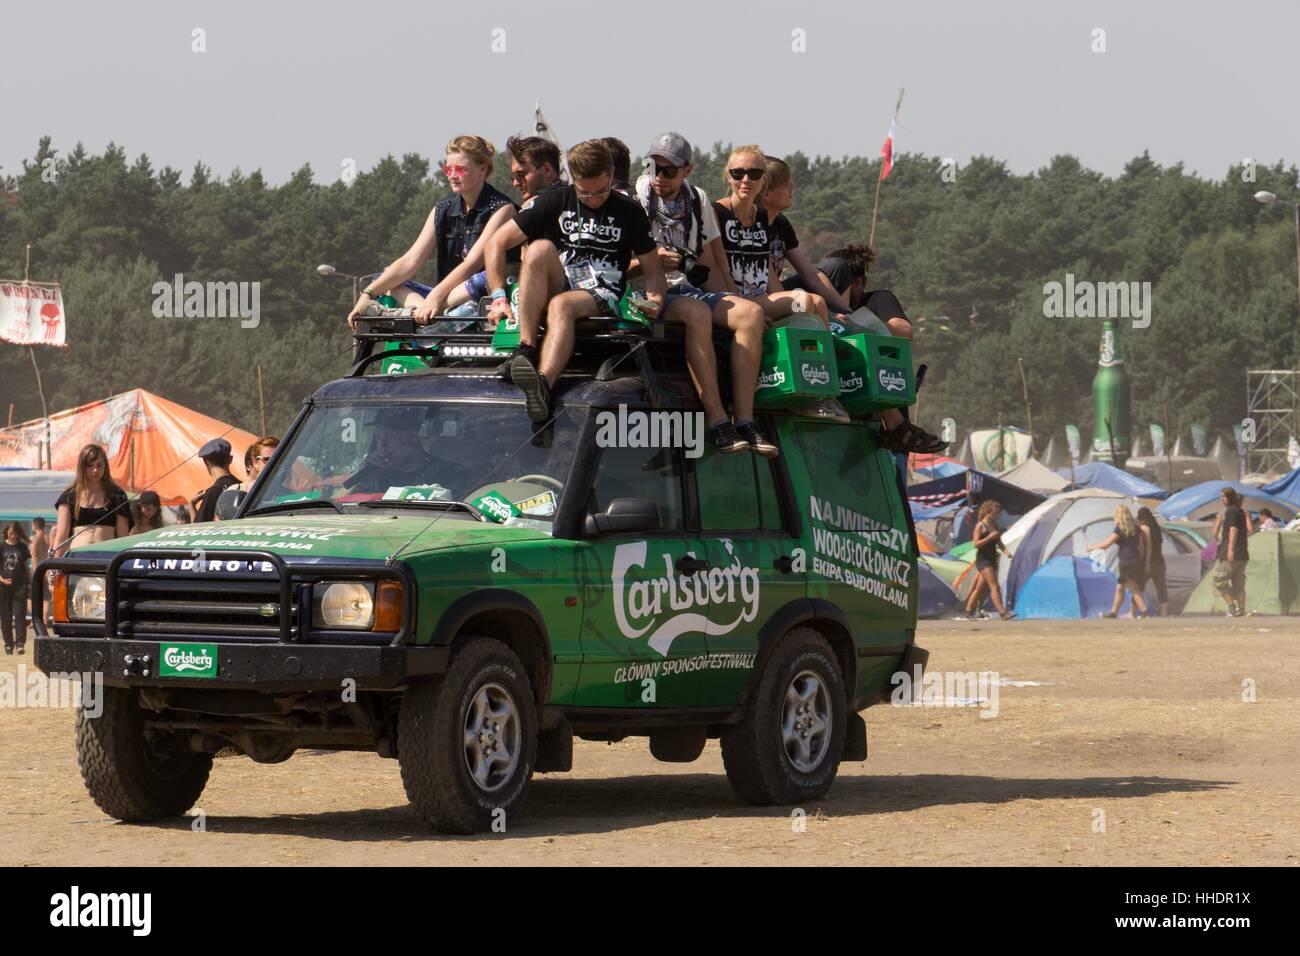 Kostrzyn, Polonia el 1 de agosto de 2013 Festival de Woodstock en Polonia. El festival está organizado por Imagen De Stock